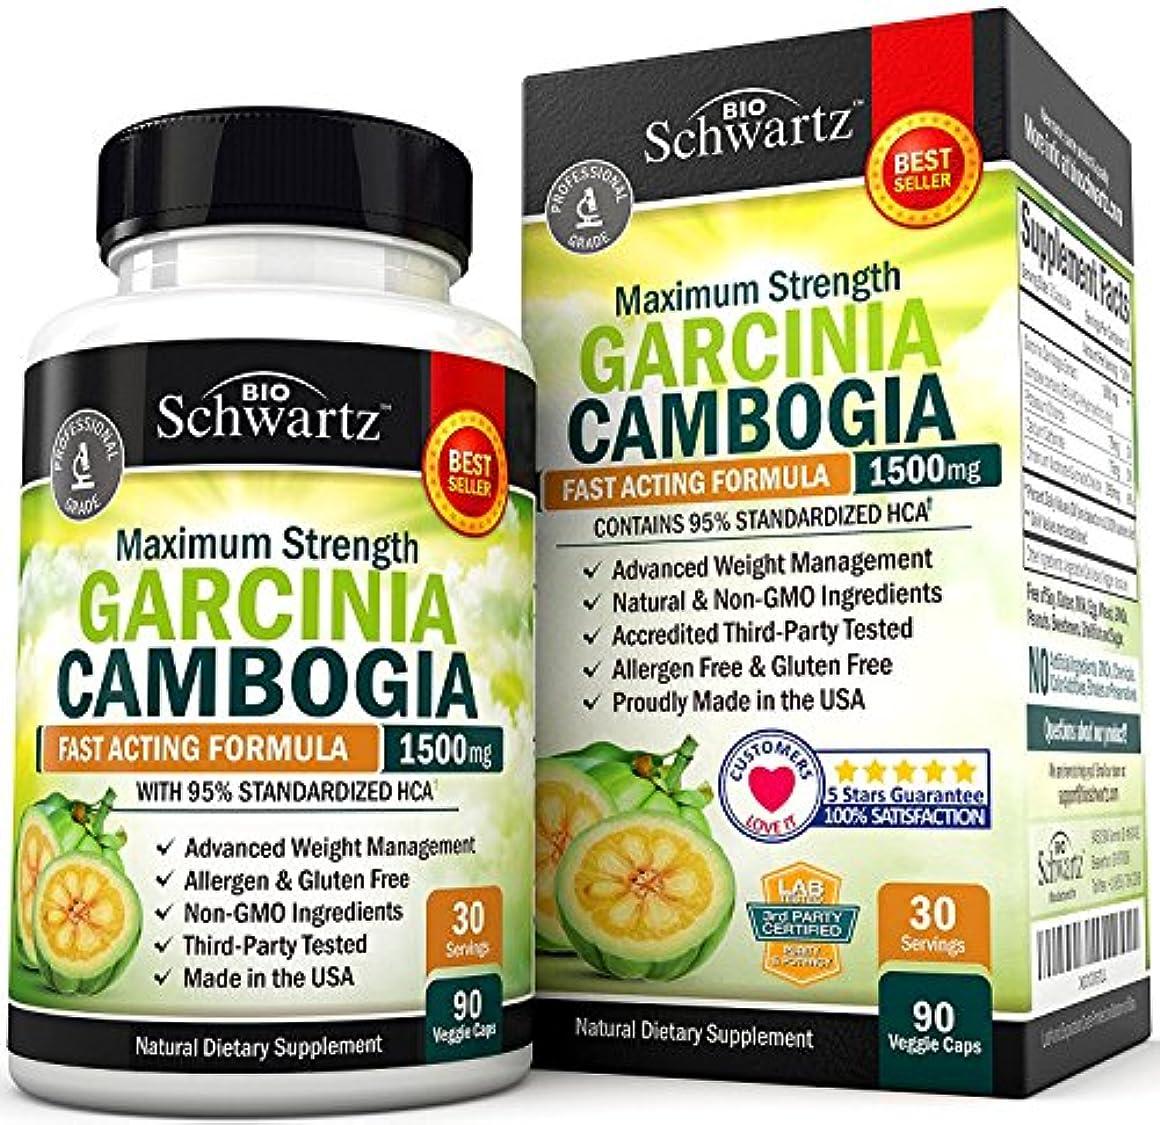 波遮る思い出すBioSchwartz ガルシニア カンボジア Garcinia Cambogia 95% HCA 1500mg 90粒